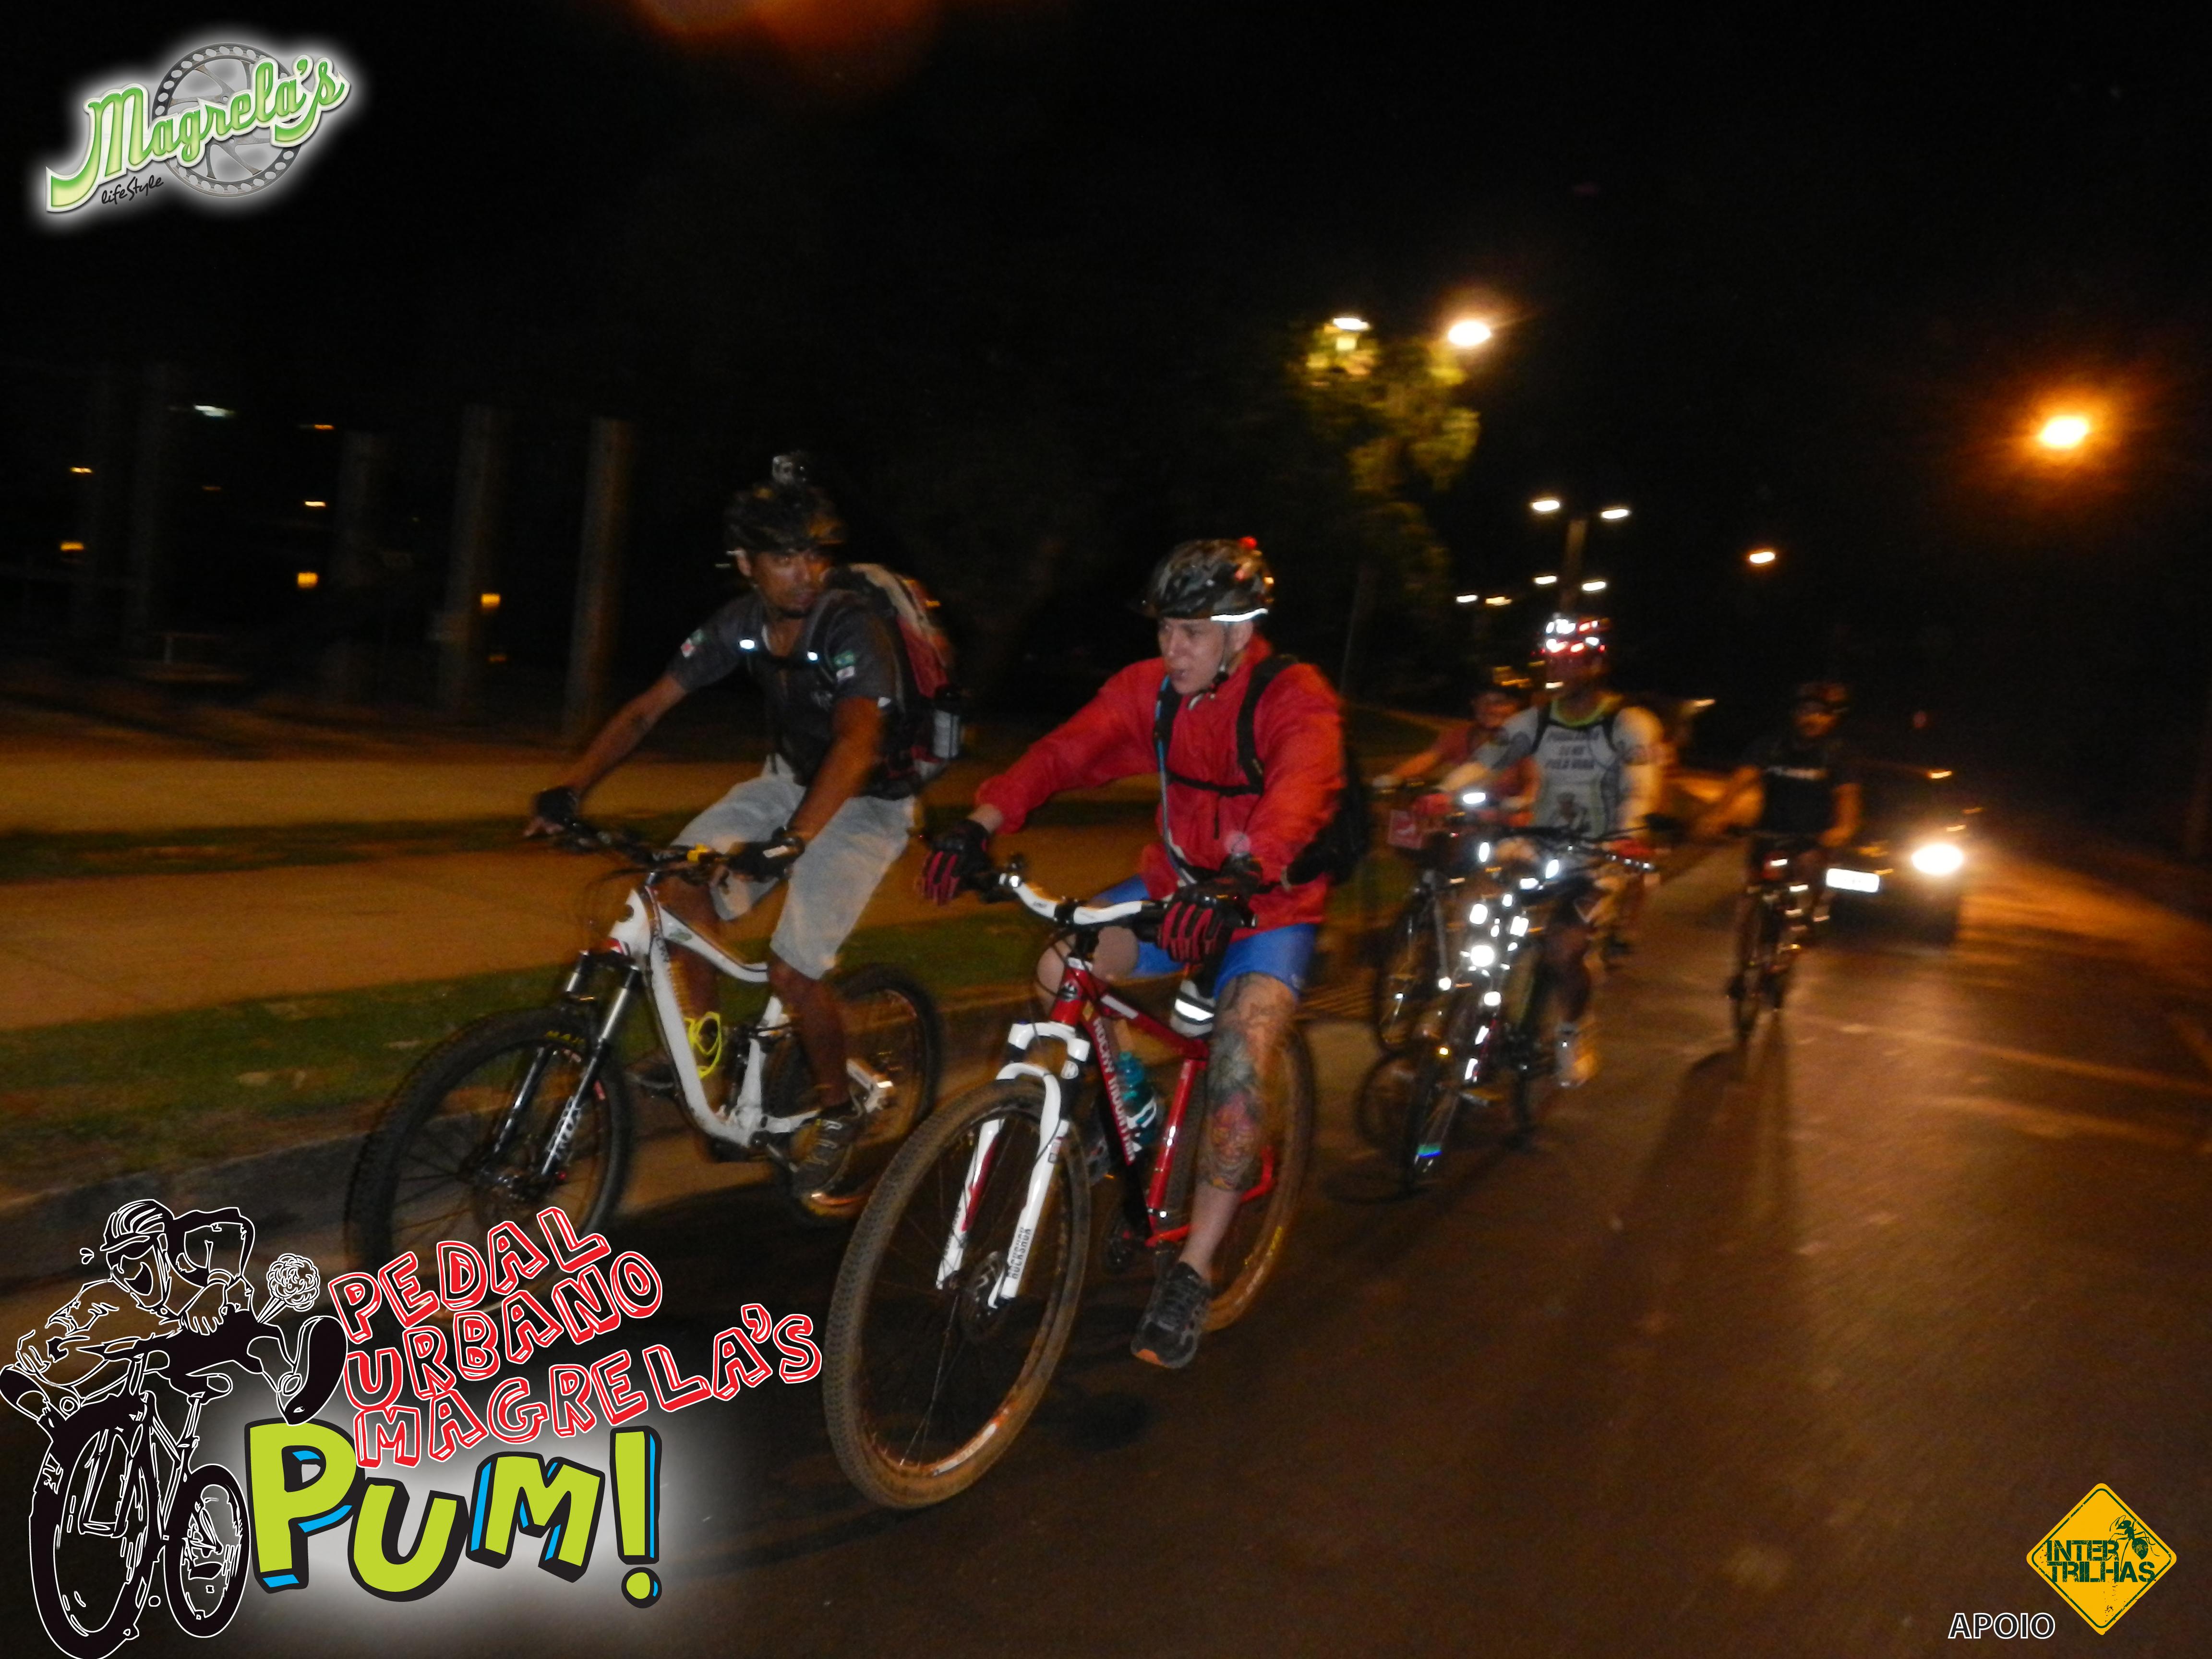 PUM - Pedal Urbano Magrela's